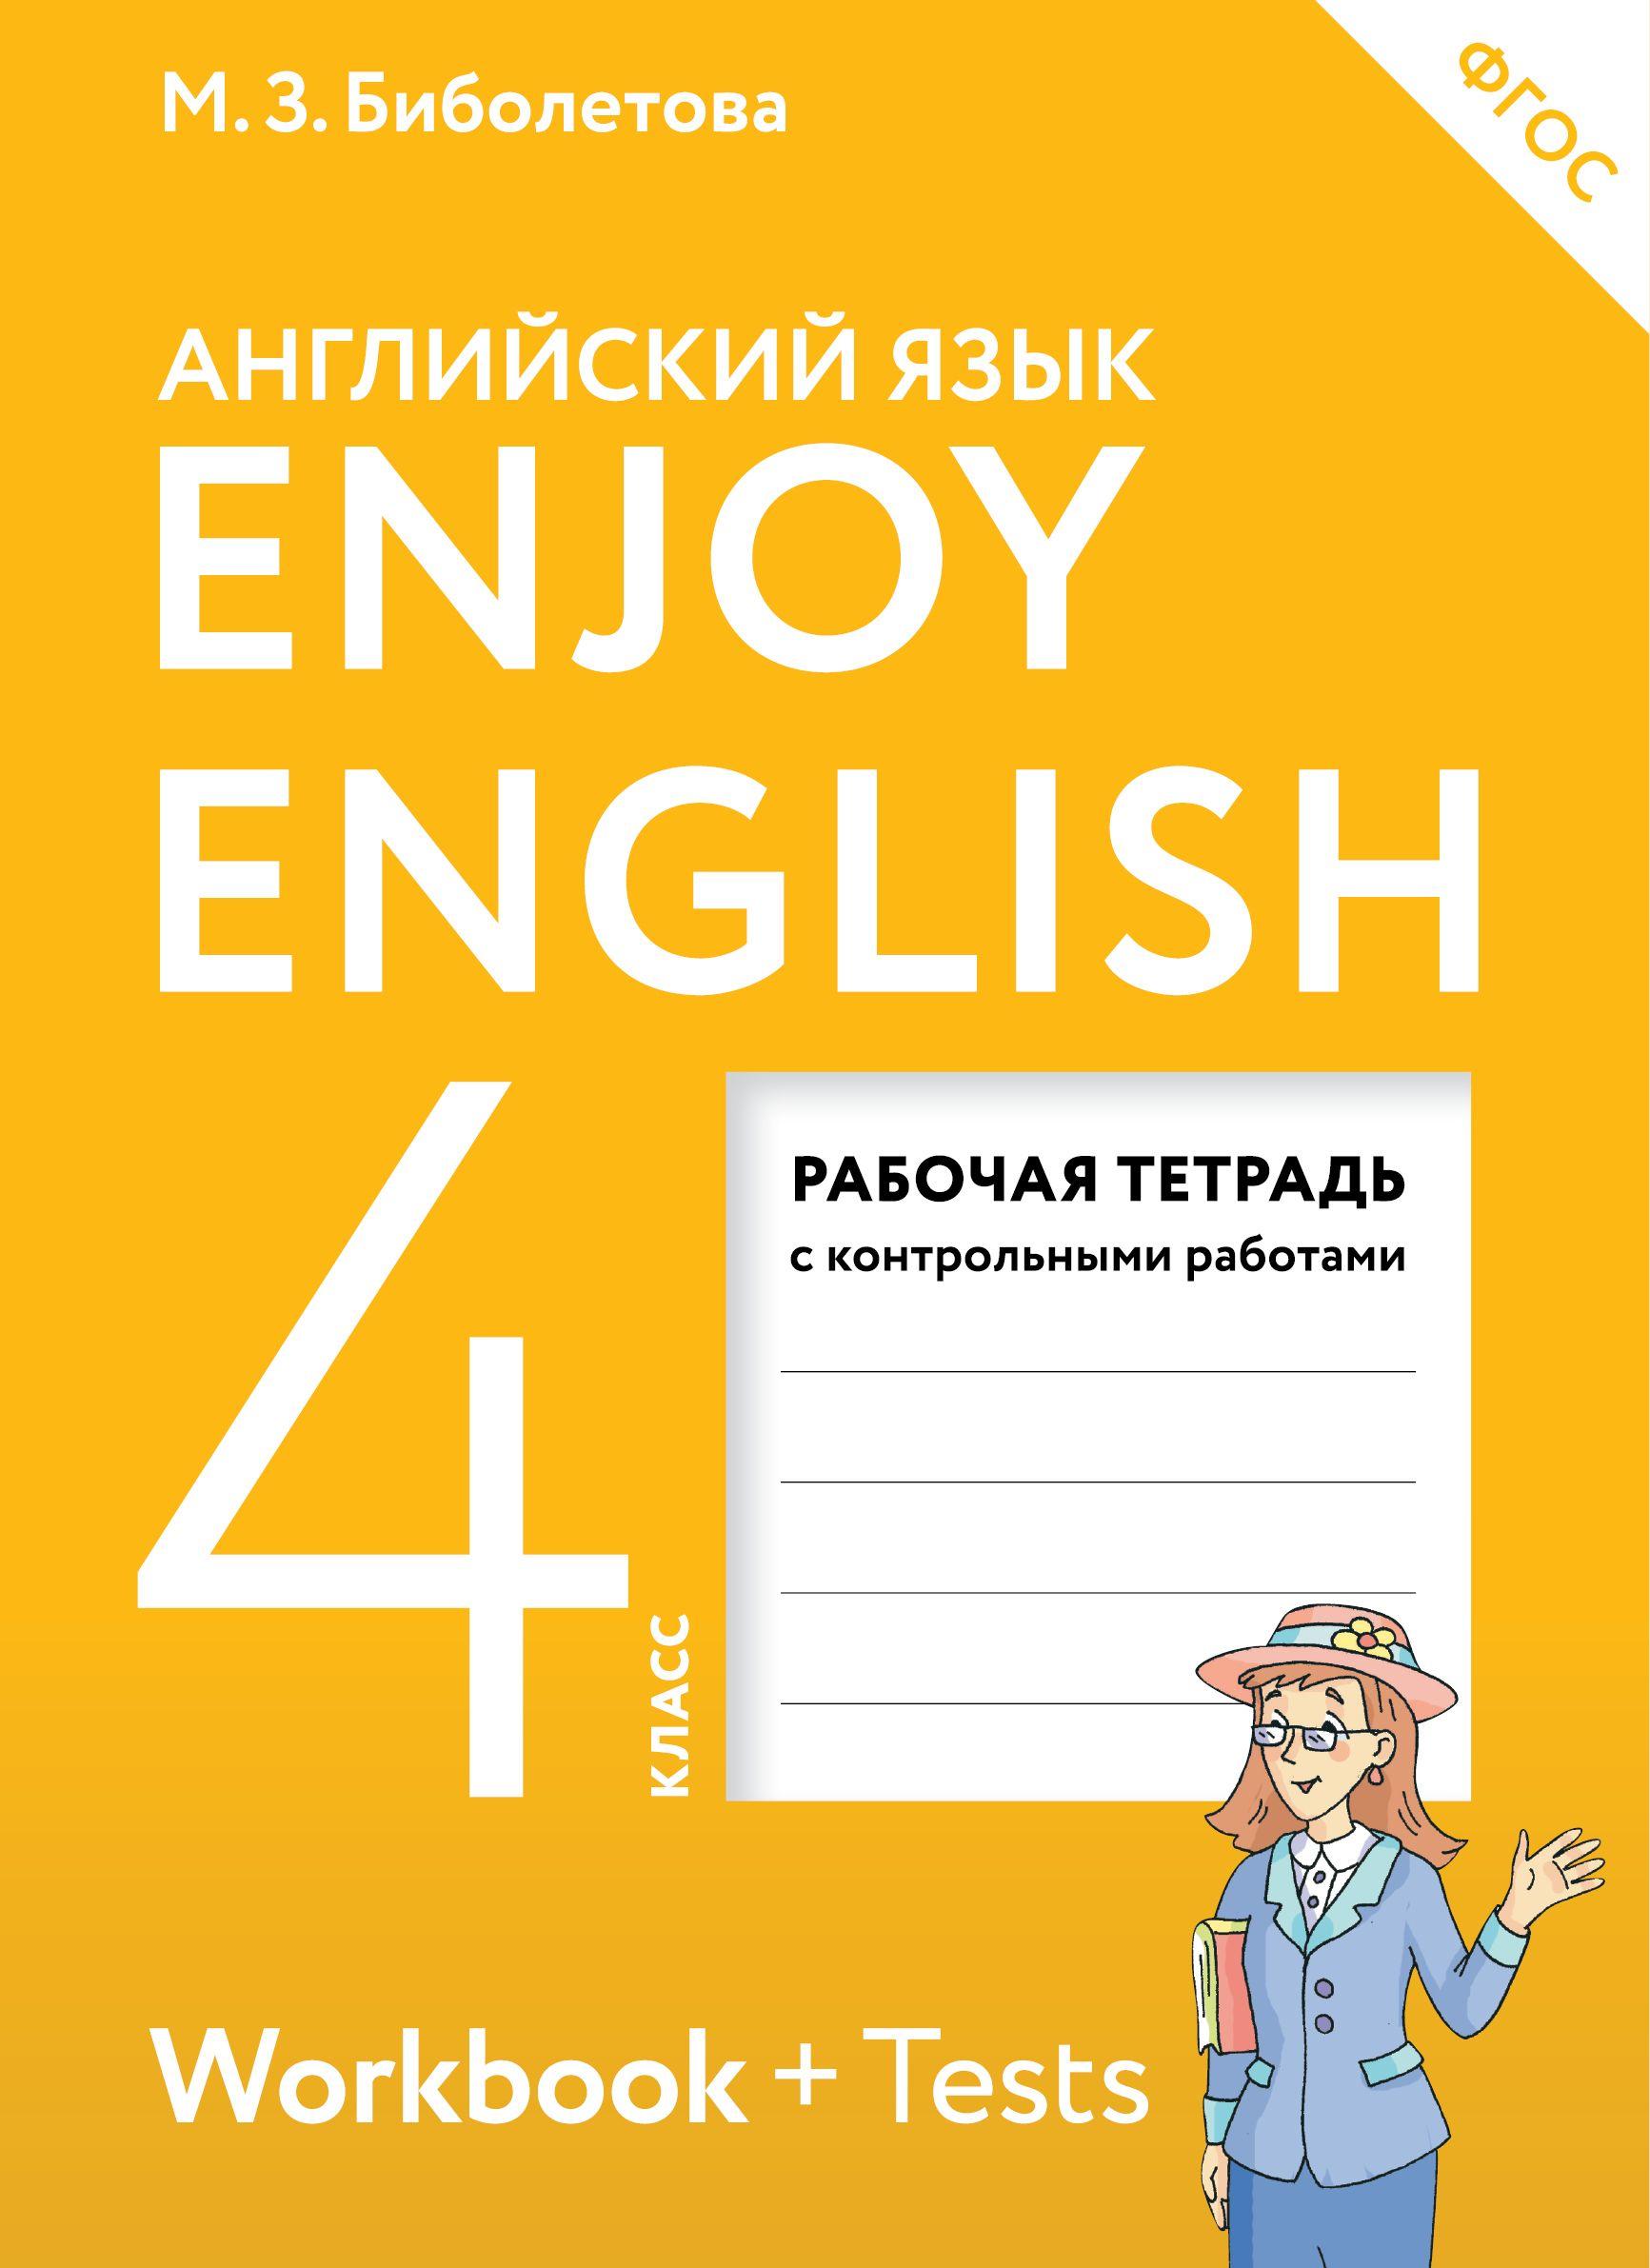 гдз по английскому 8 класс биболетова рабочая тетрадь test yourself